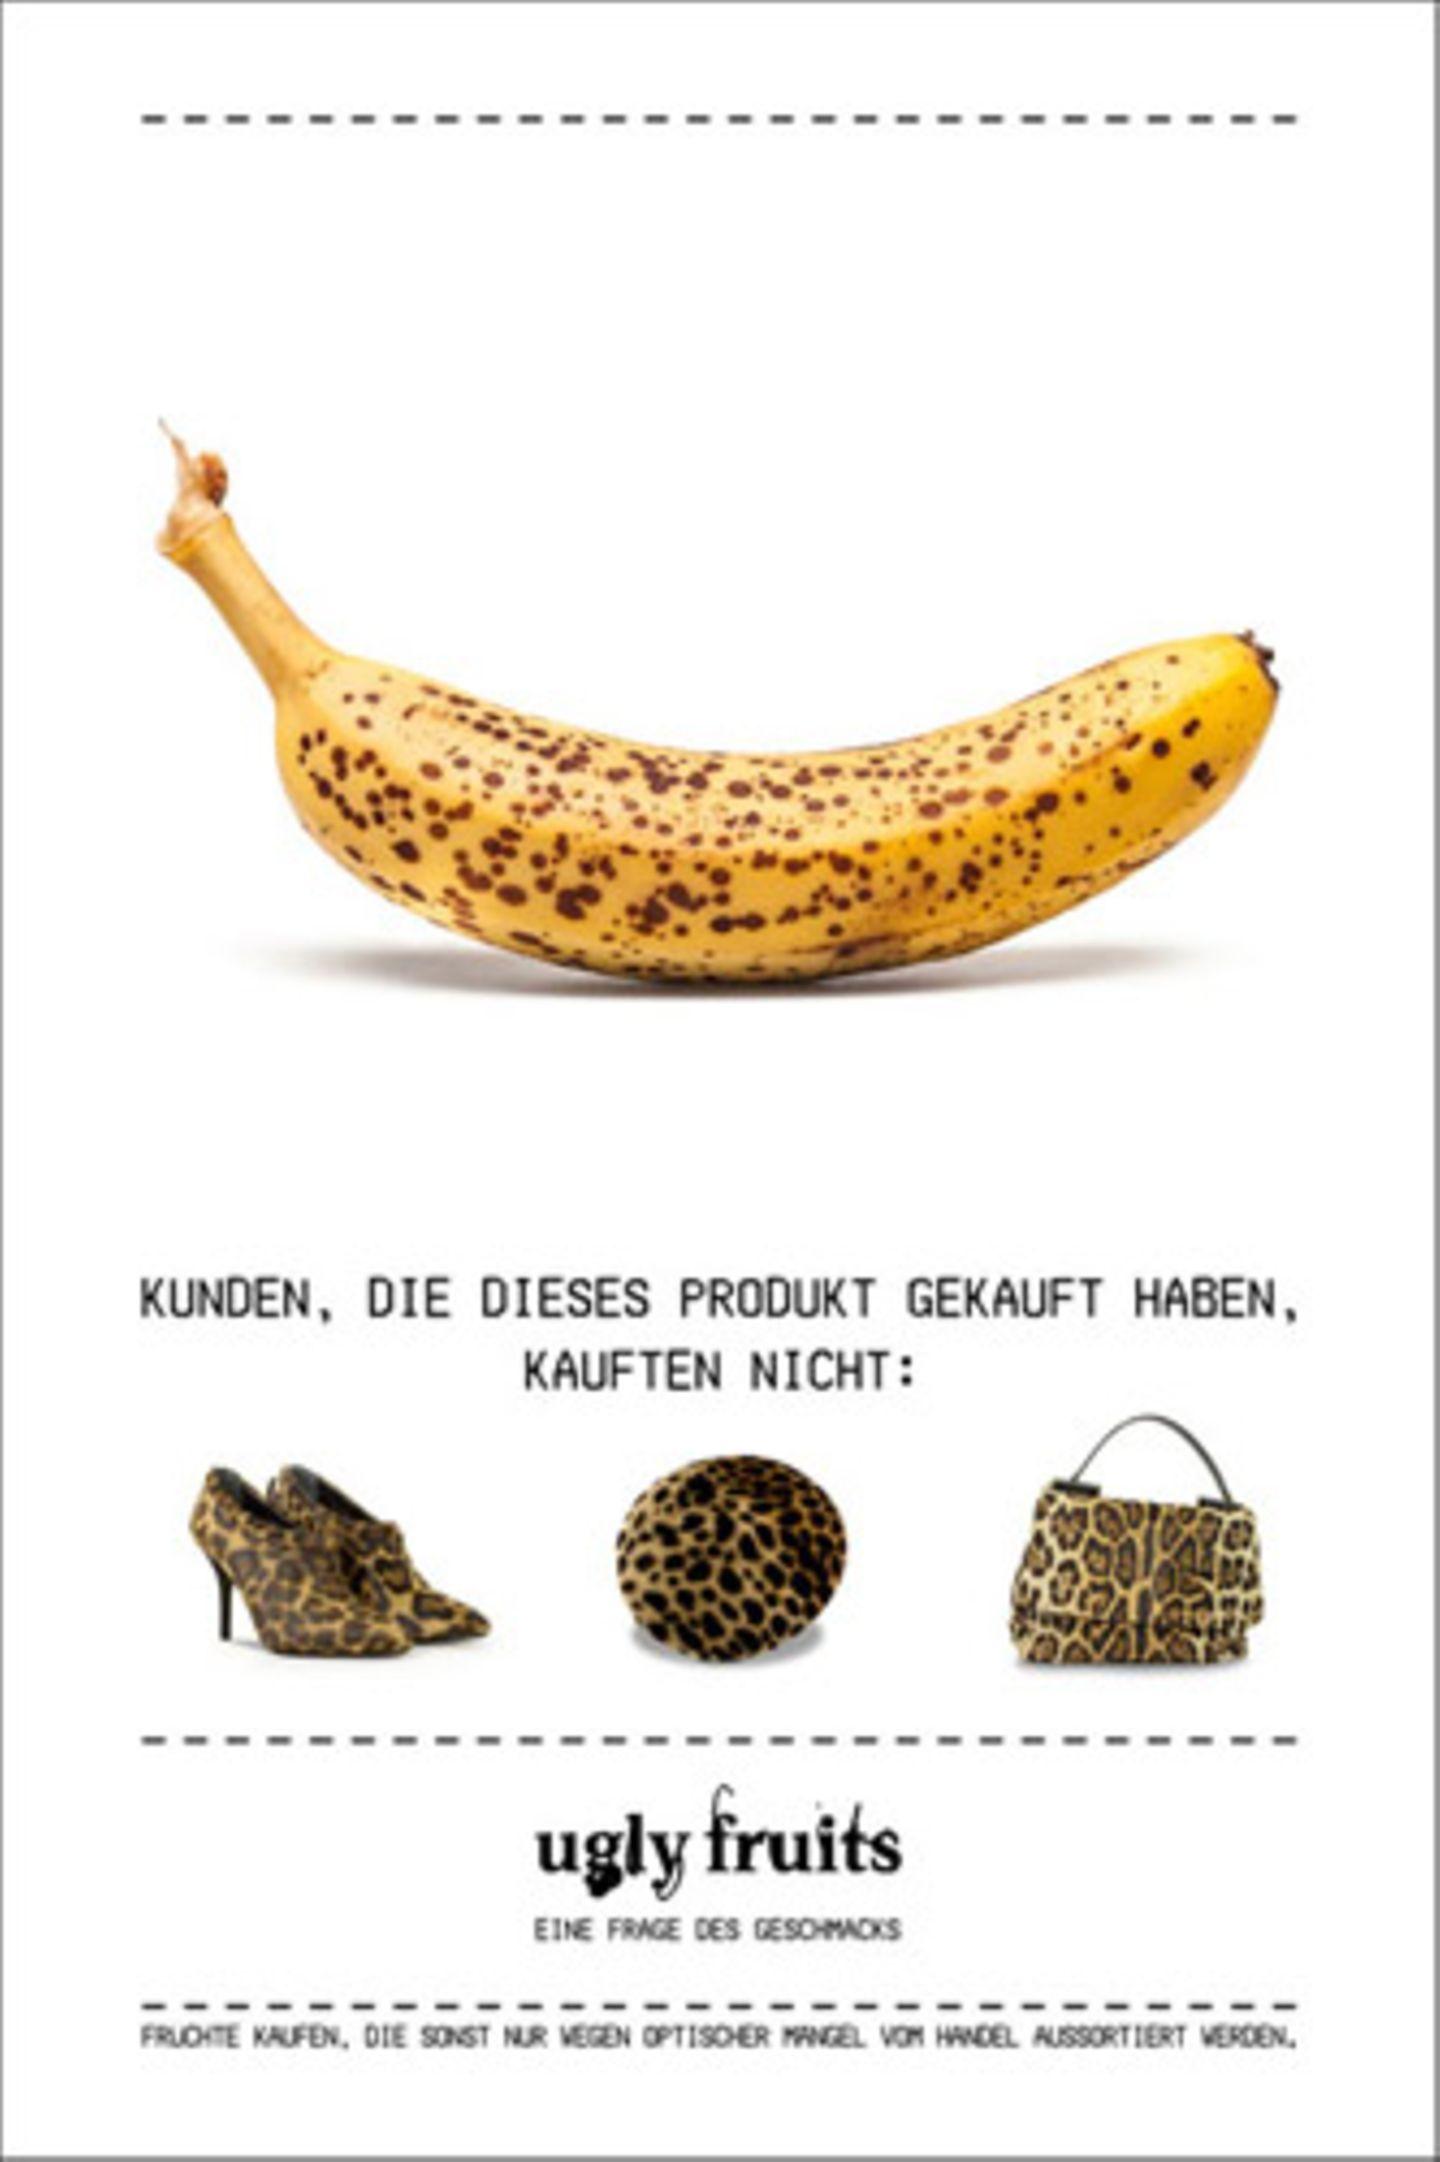 Das Essen, das wir in Europa wegwerfen, würde zwei Mal reichen, um alle Hungernden der Welt zu ernähren. Also ran an die fleckigen Bananen!